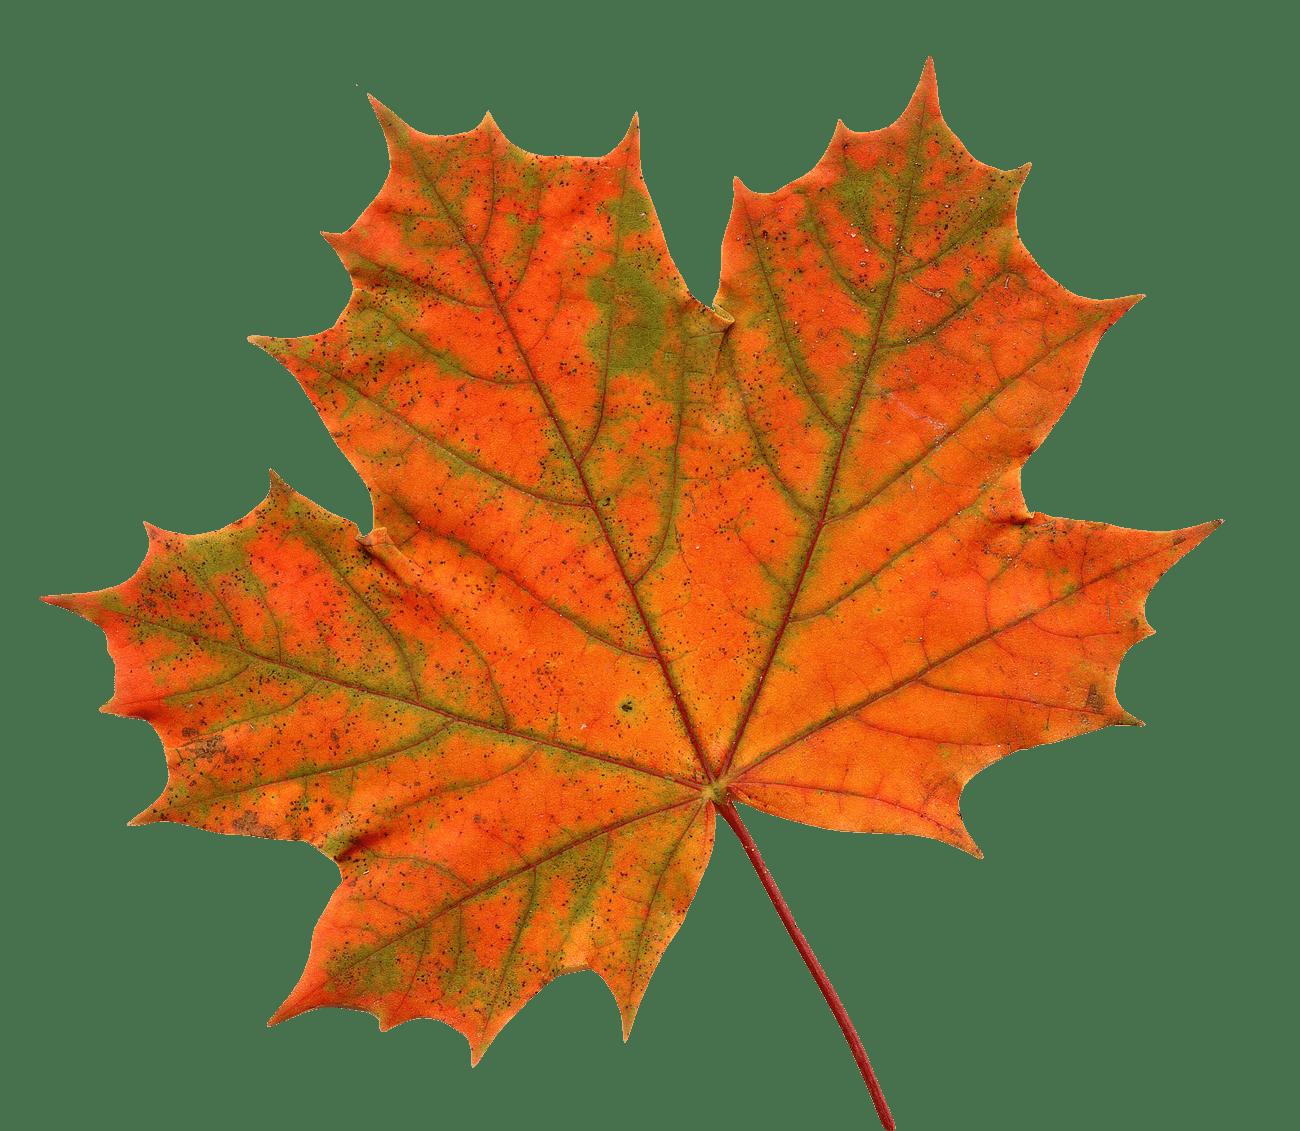 Maple png stickpng large. Leaf clipart transparent background